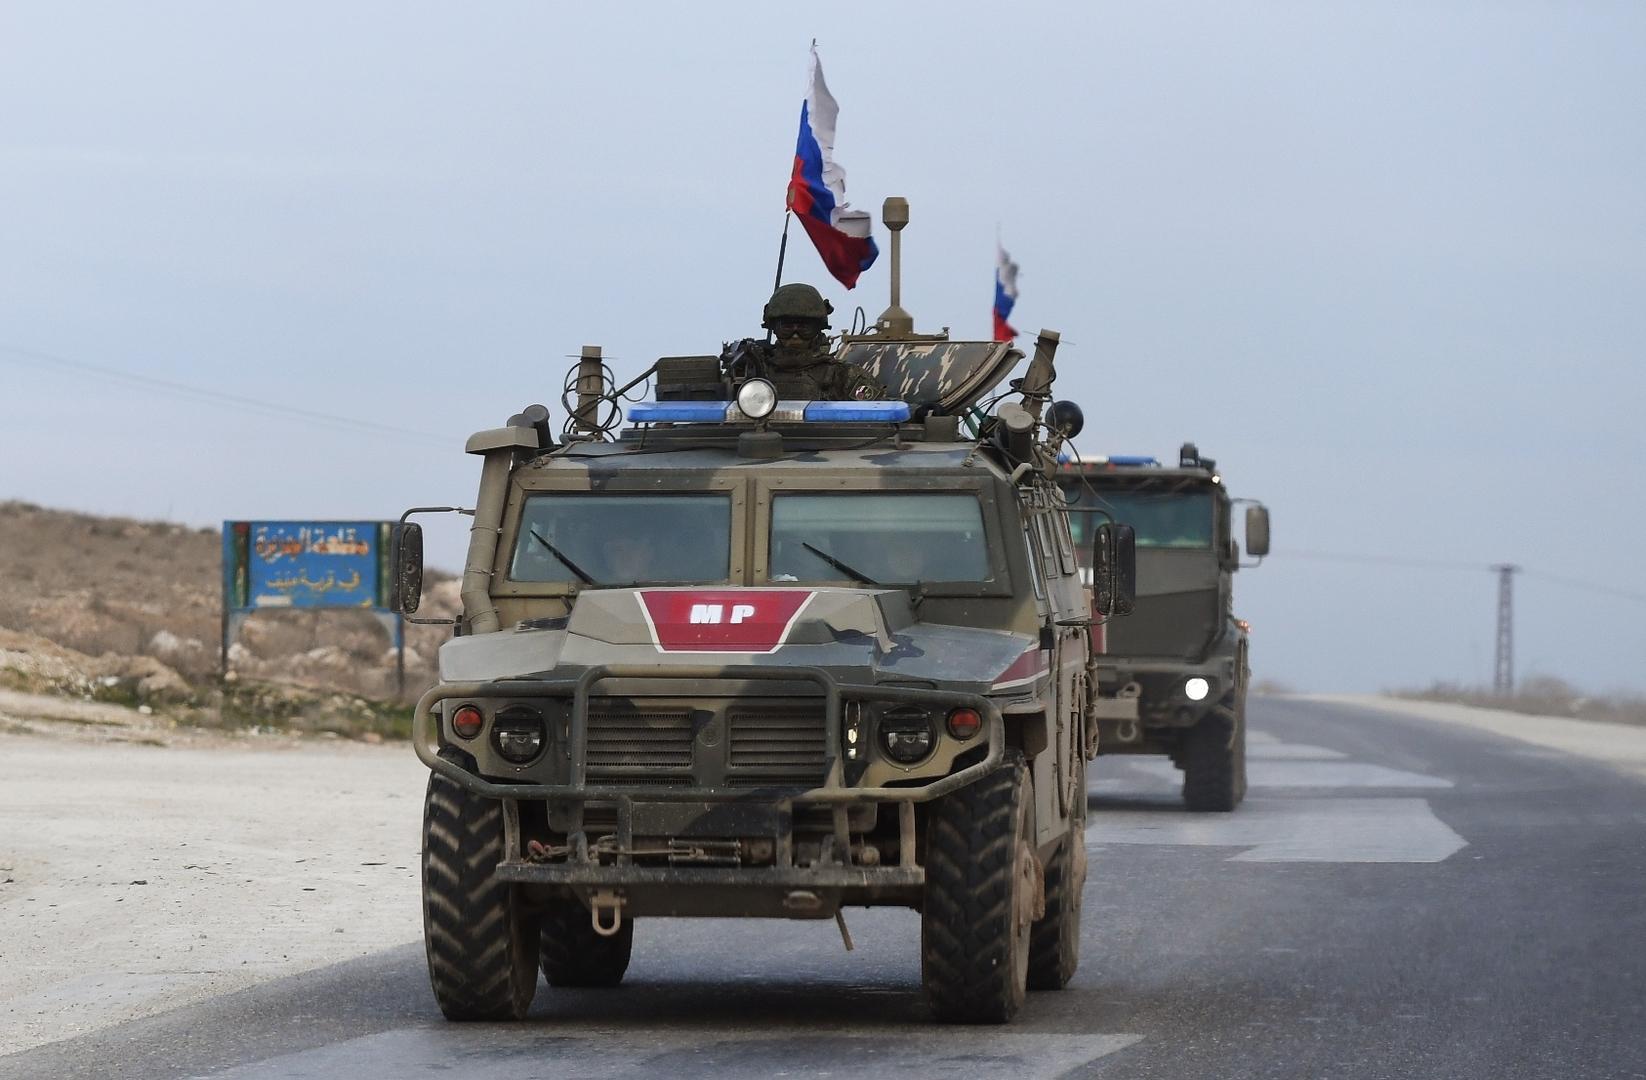 وحدات من الشرطة العسكرية الروسية تصل إلى منطقة عين عيسى شمال سوريا.